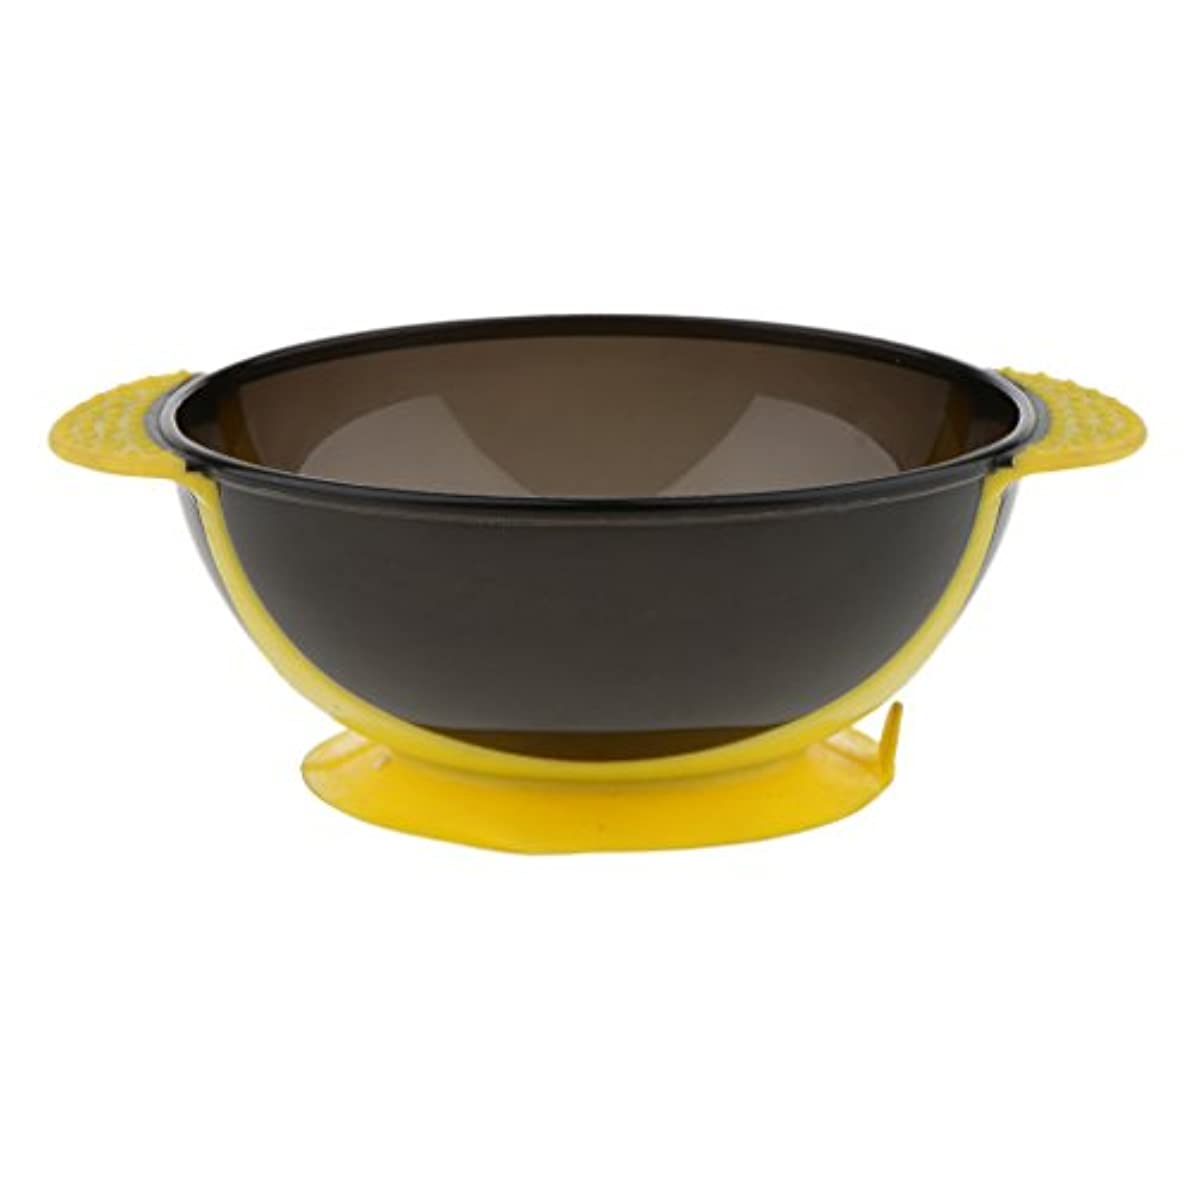 工業化する浪費半島Toygogo ヘアカラー ミキシングボウル ヘアダイボウル 染料 色合い 髪染めミント 吸引ベース 3色選べる - 黄